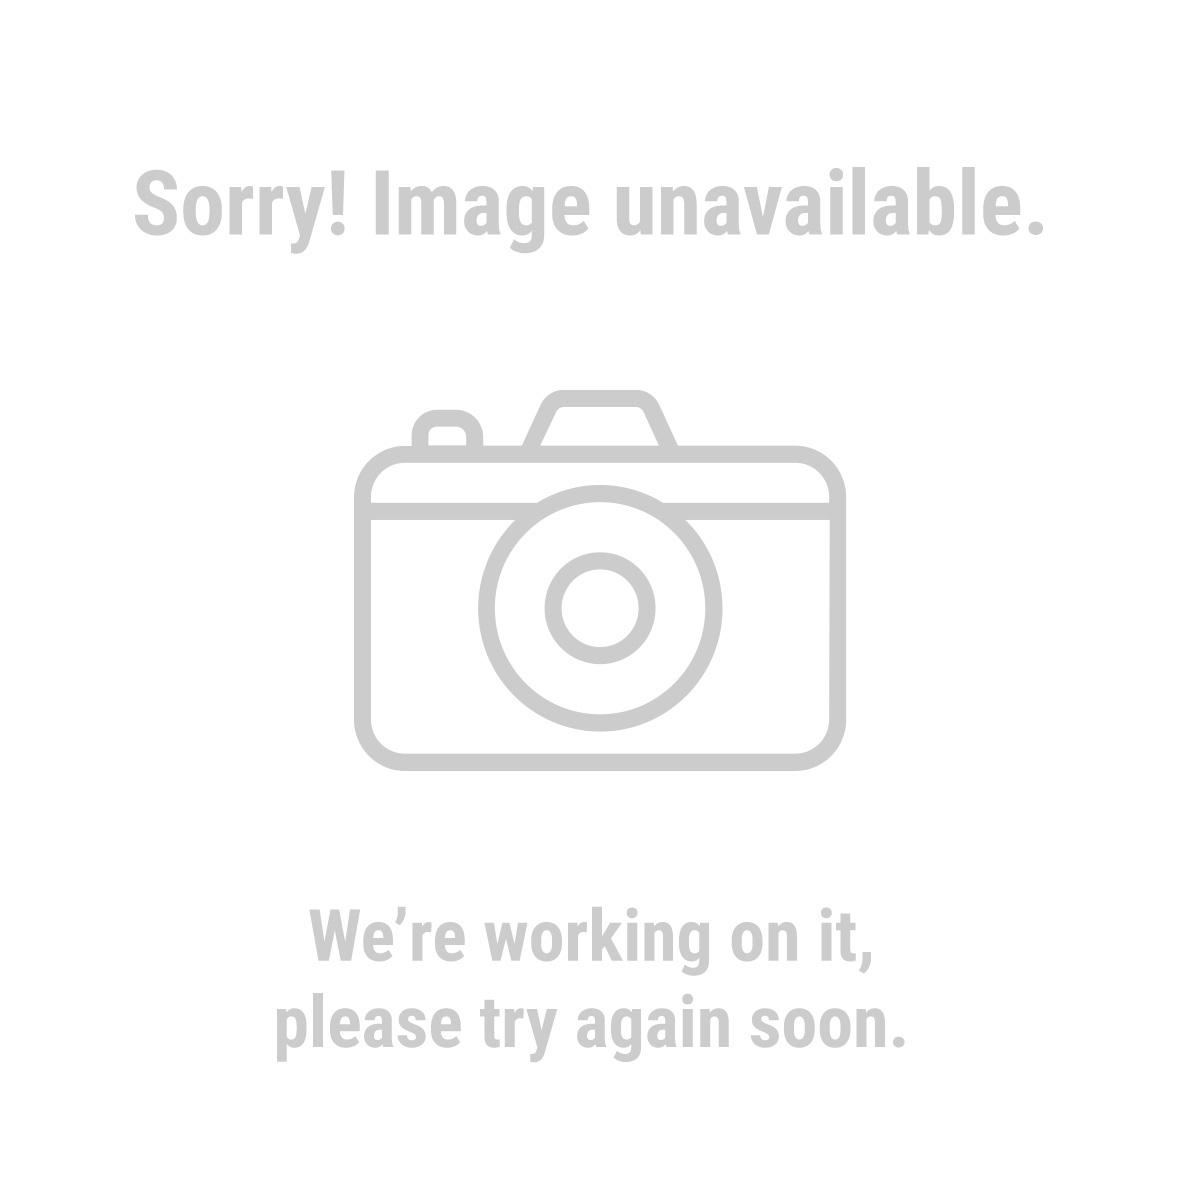 Central Pneumatic 68994 20 Lb. Pressurized Abrasive Blaster